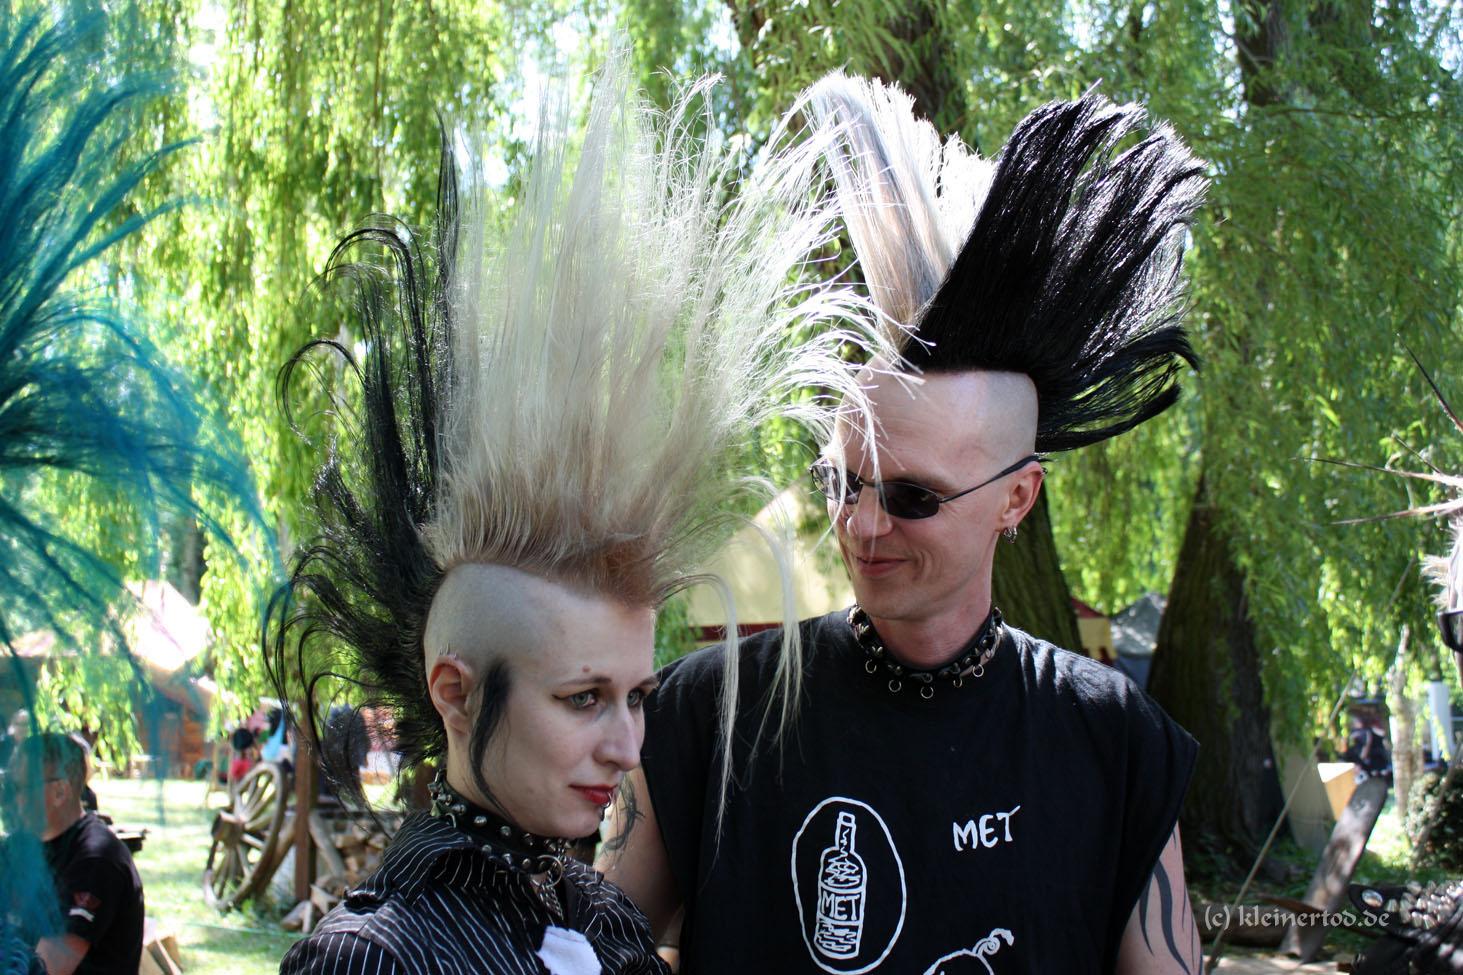 Wave-Gotik-Treffen - Photos - New Wave Goth